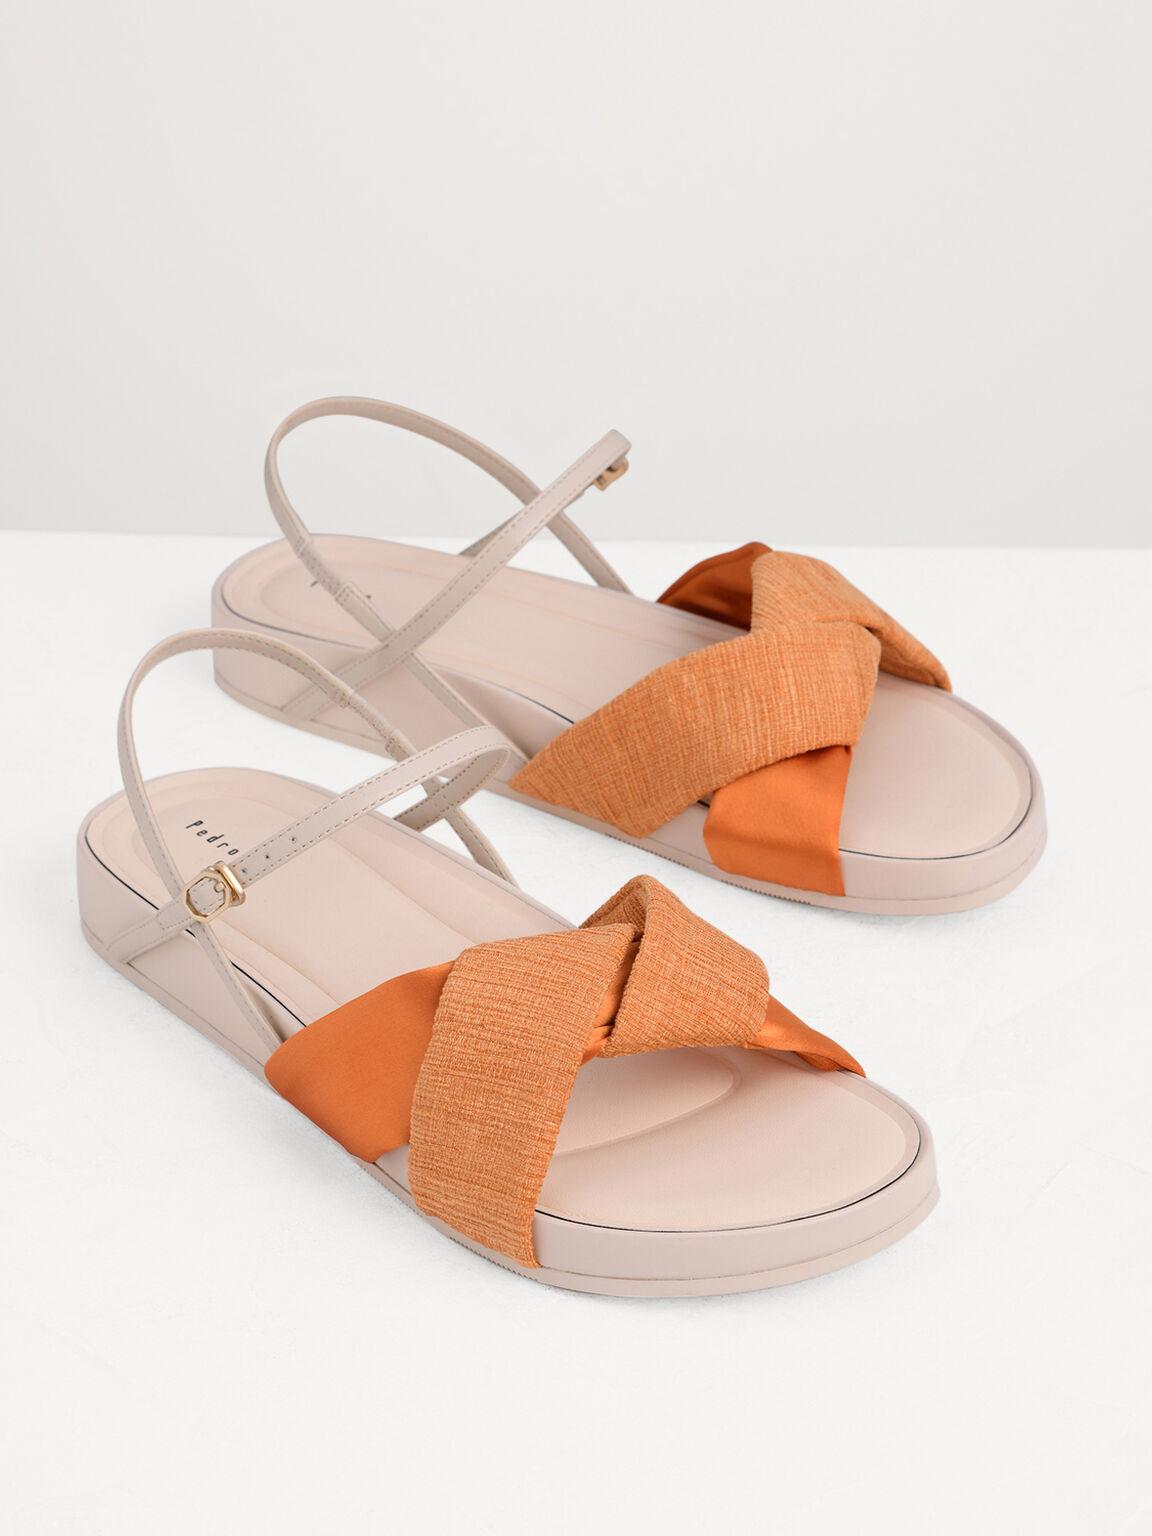 Knotted Flatform Sandals, Mustard, hi-res